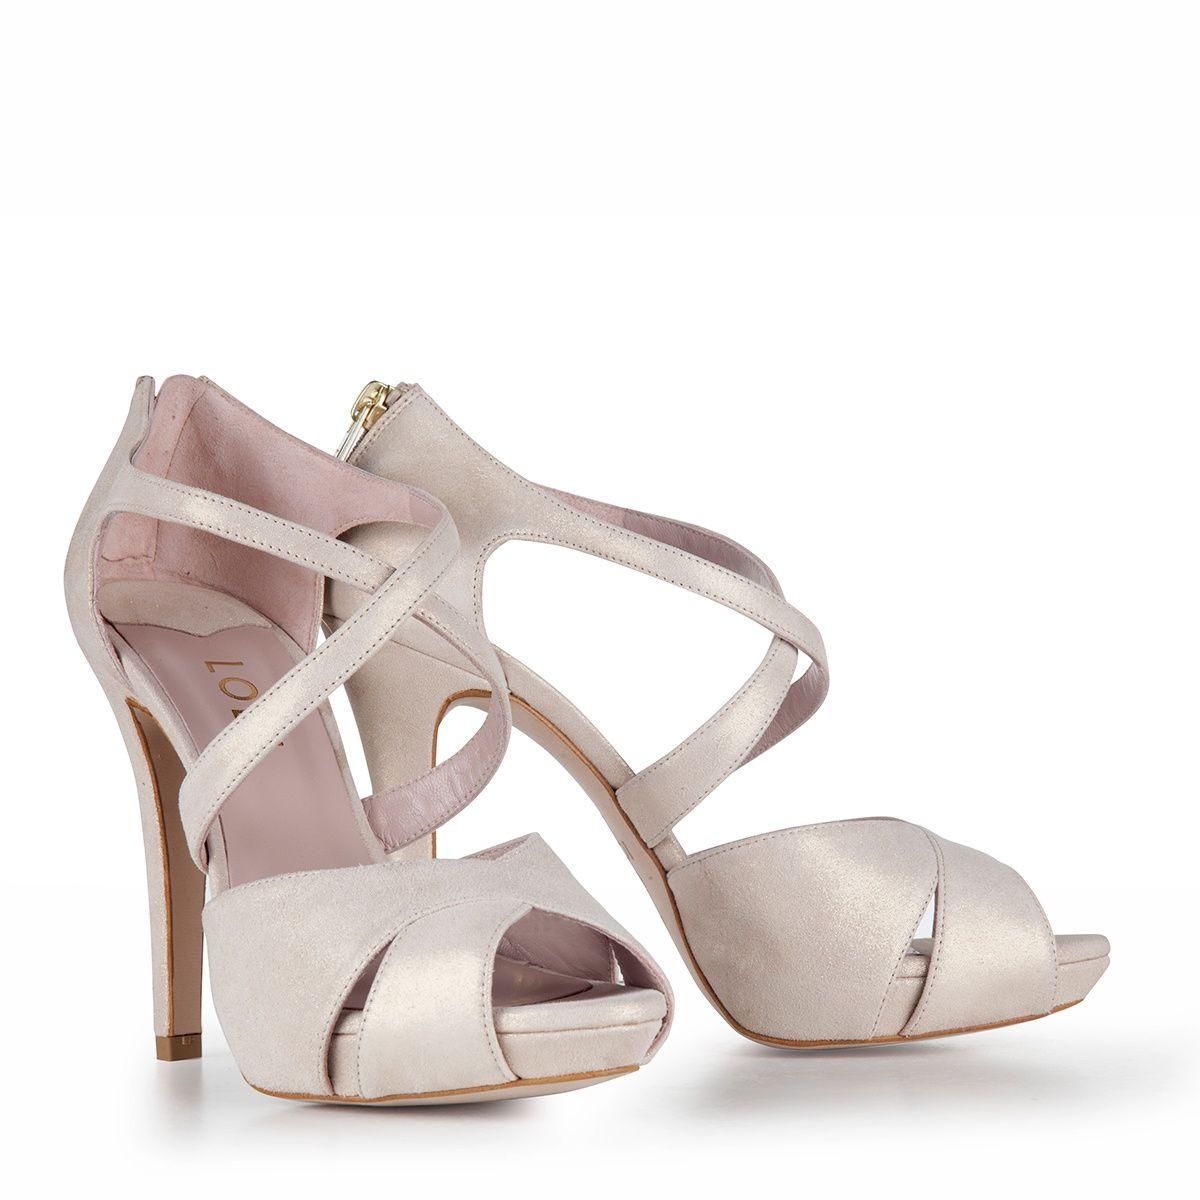 Y Dorado 2019 Zapatos En EscorzoVestidos Goya Lodi Especial W2IDHYE9